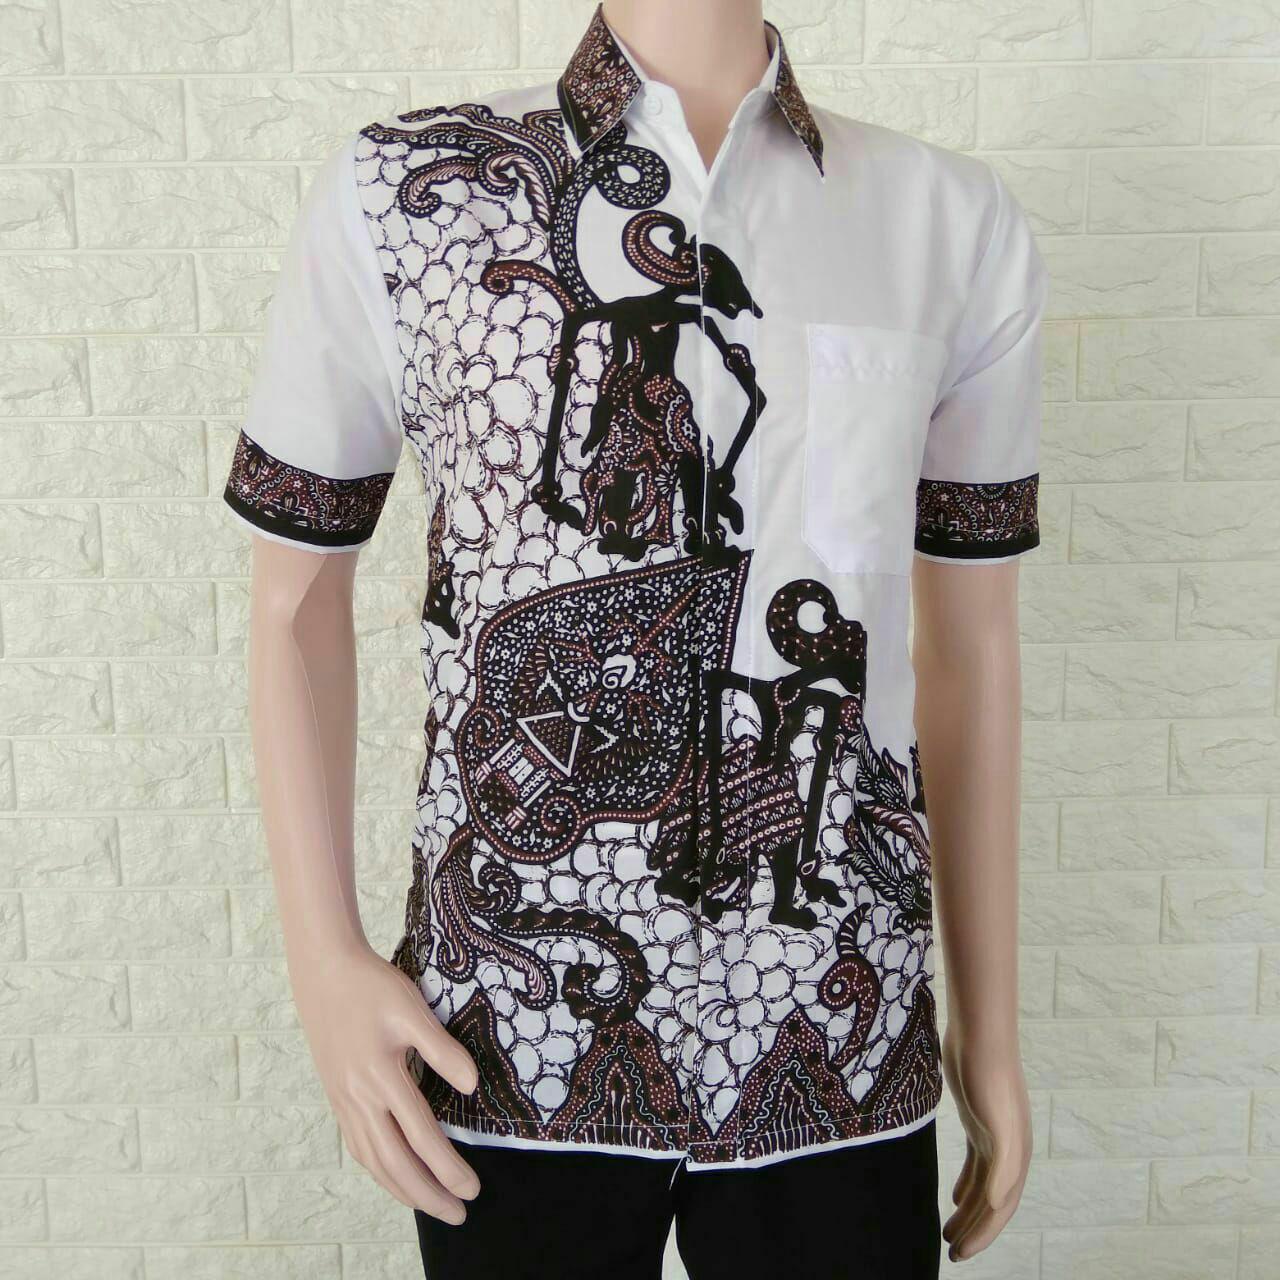 Kemeja Batik Pria Pekalongan Kemeja Batik Kombinasi Kemeja Batik Pria Elegan Terbaru Keren  Azka Batik